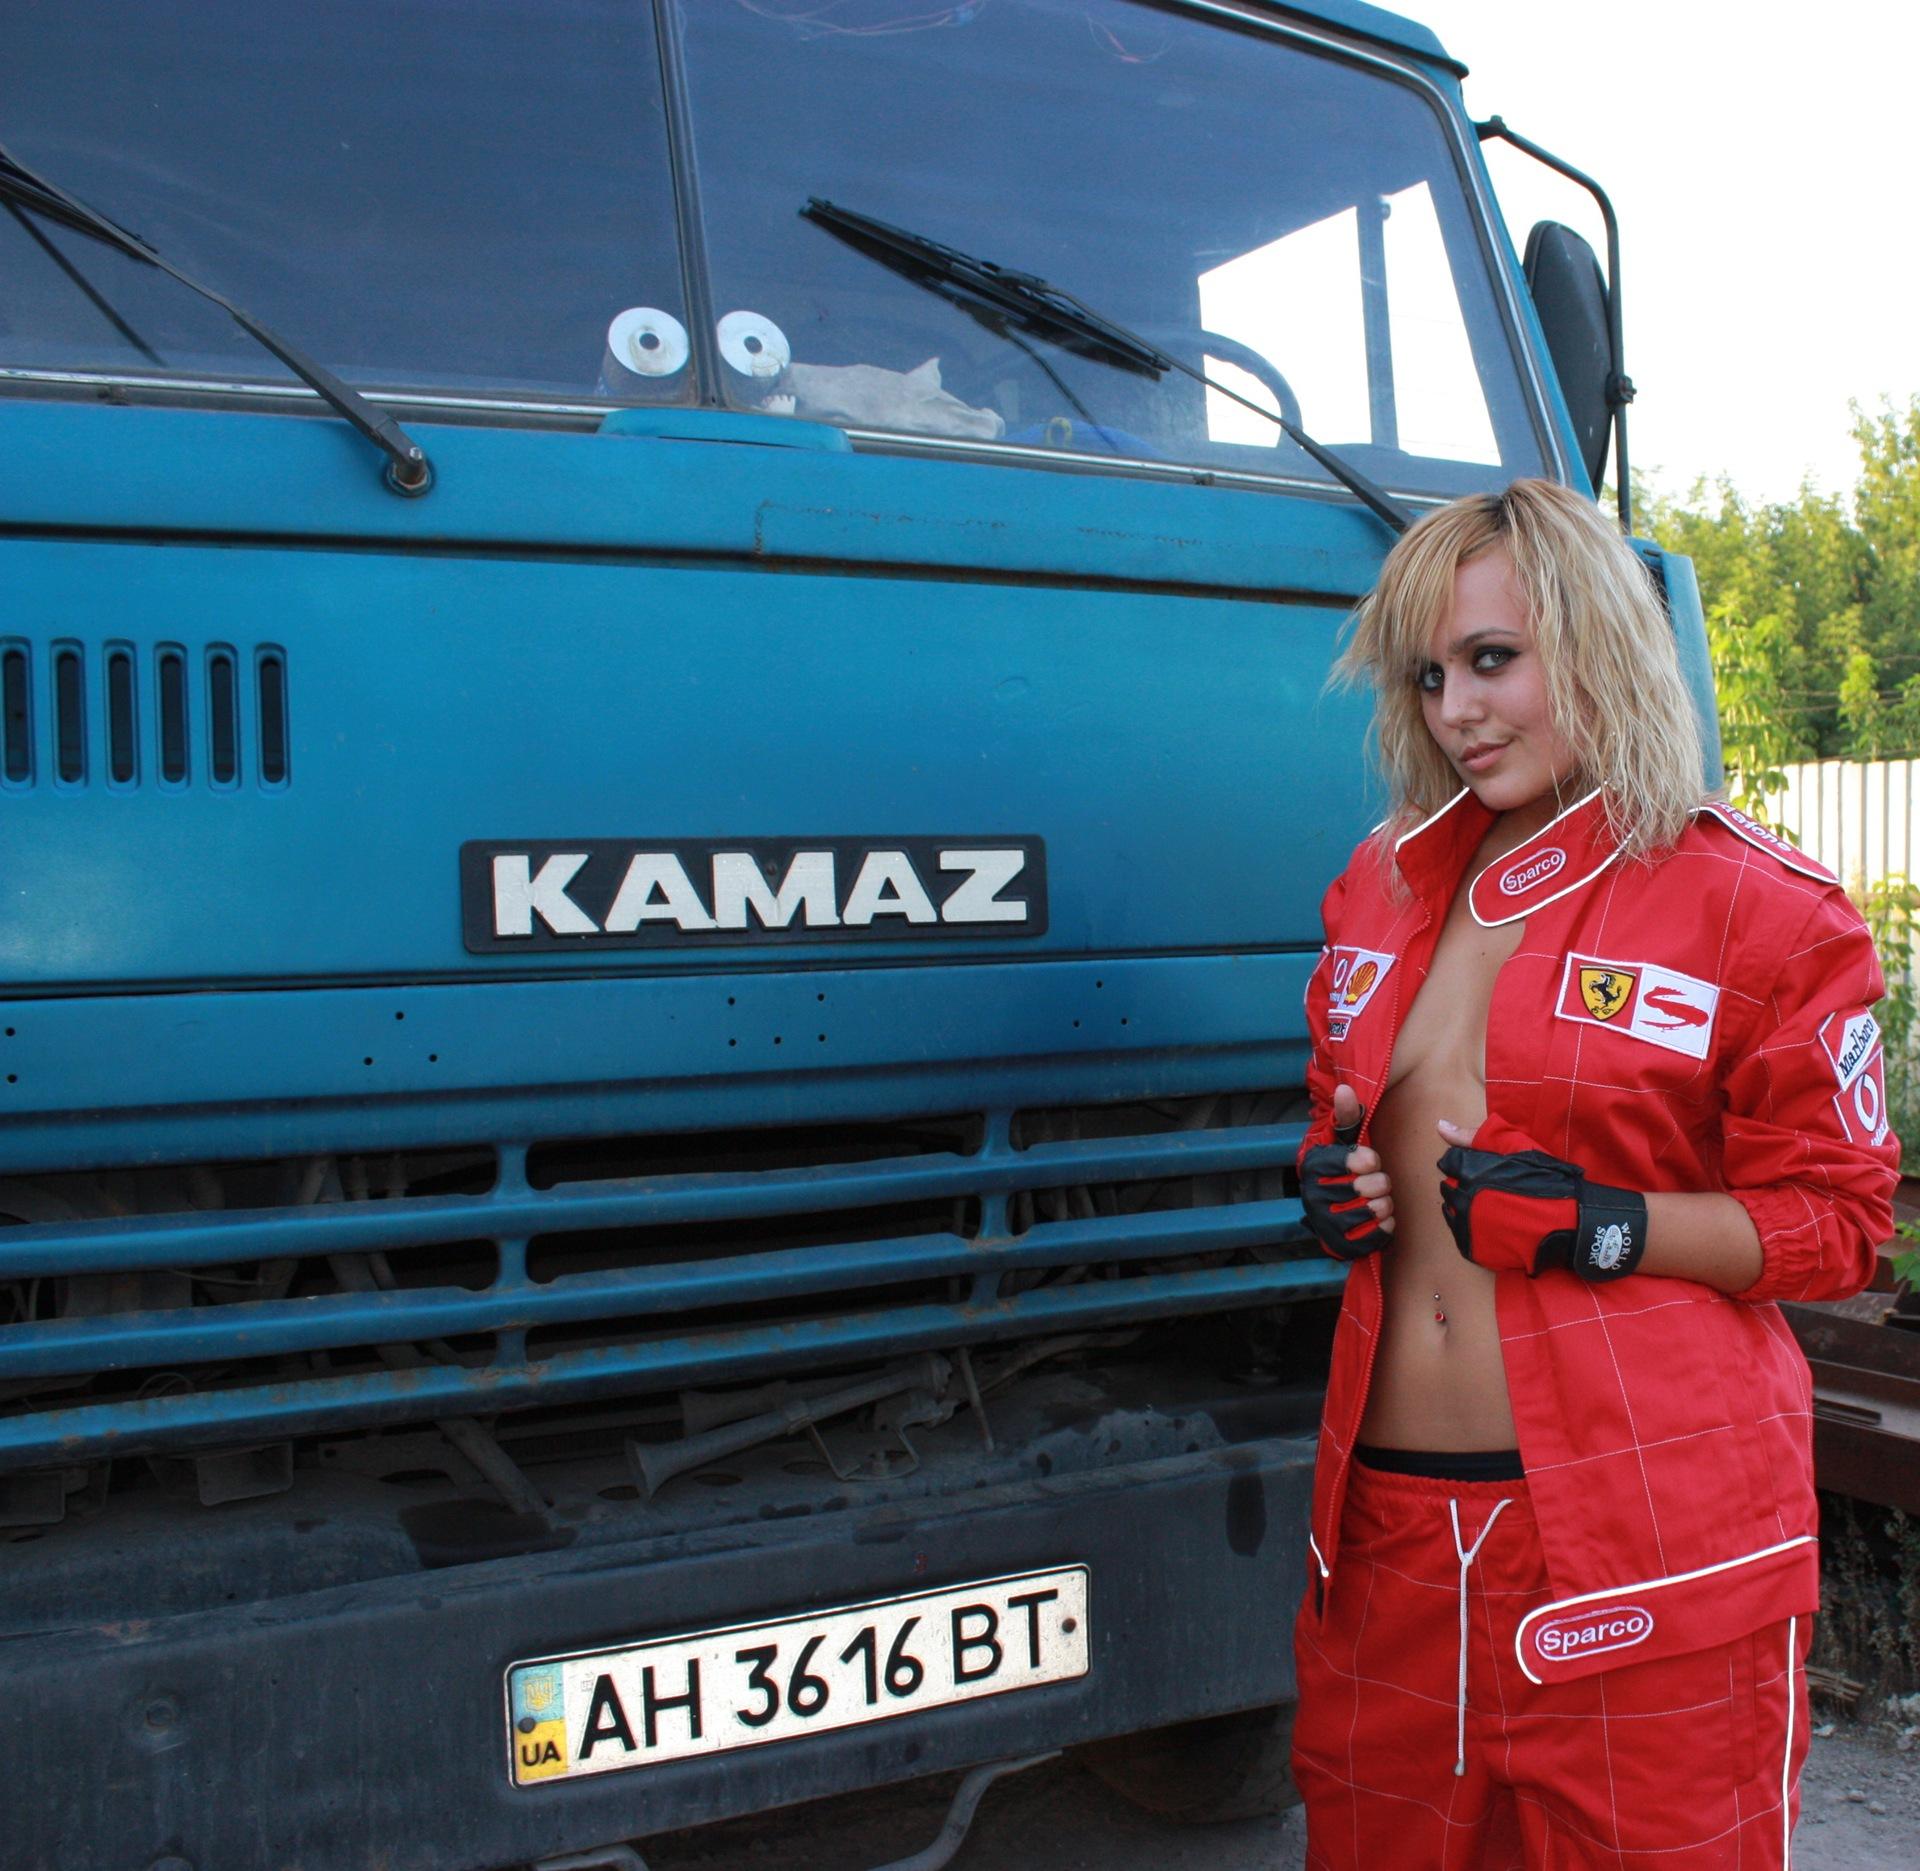 фото секс на фоне грузовых фур